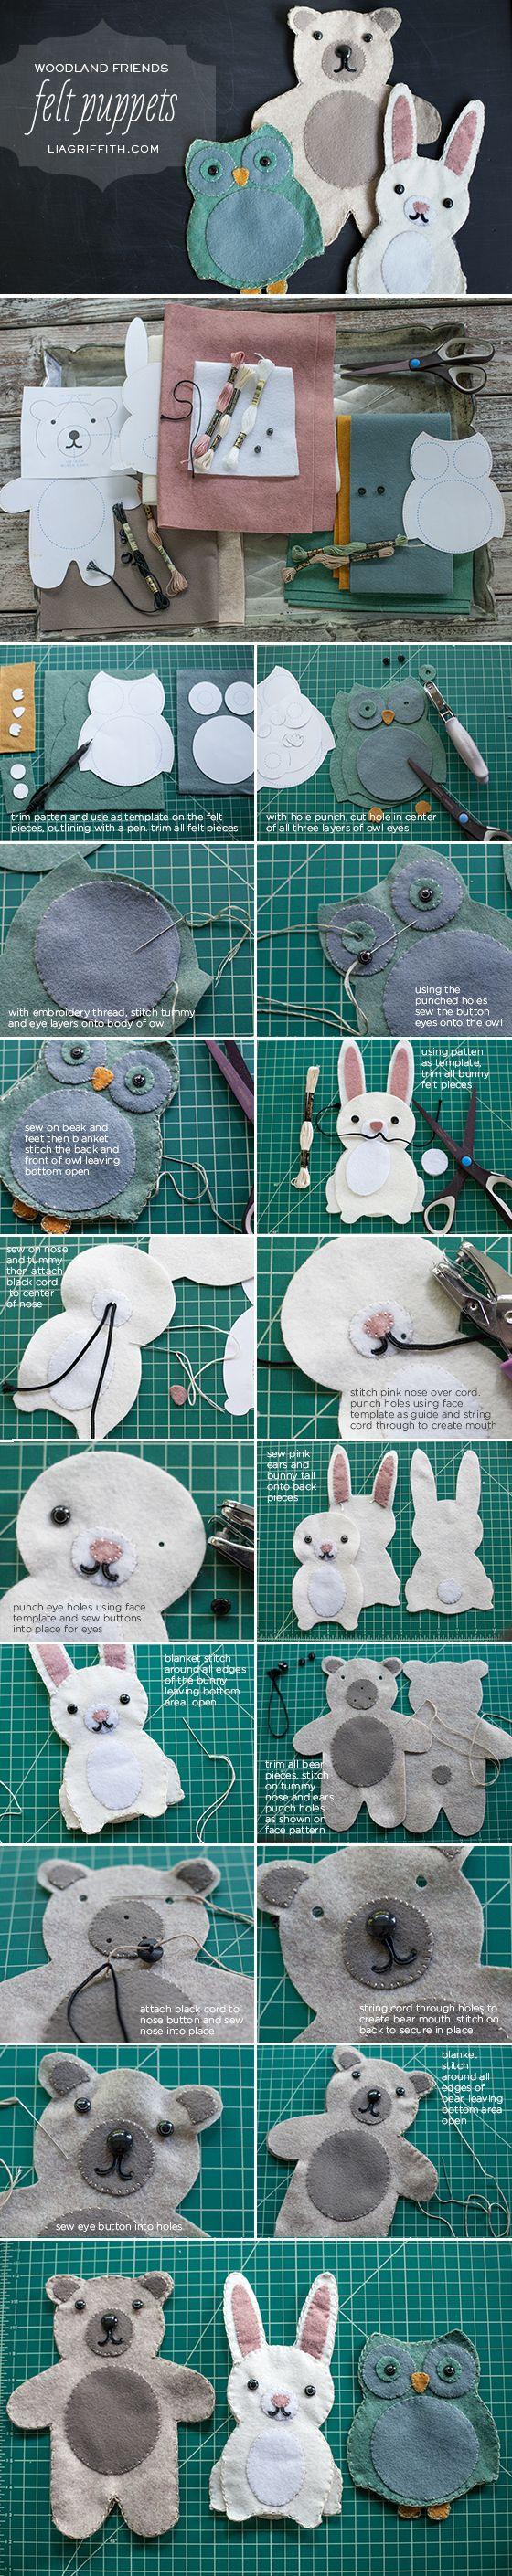 Tutorial paso a paso, marionetas de fieltro: conejo, oso y búho